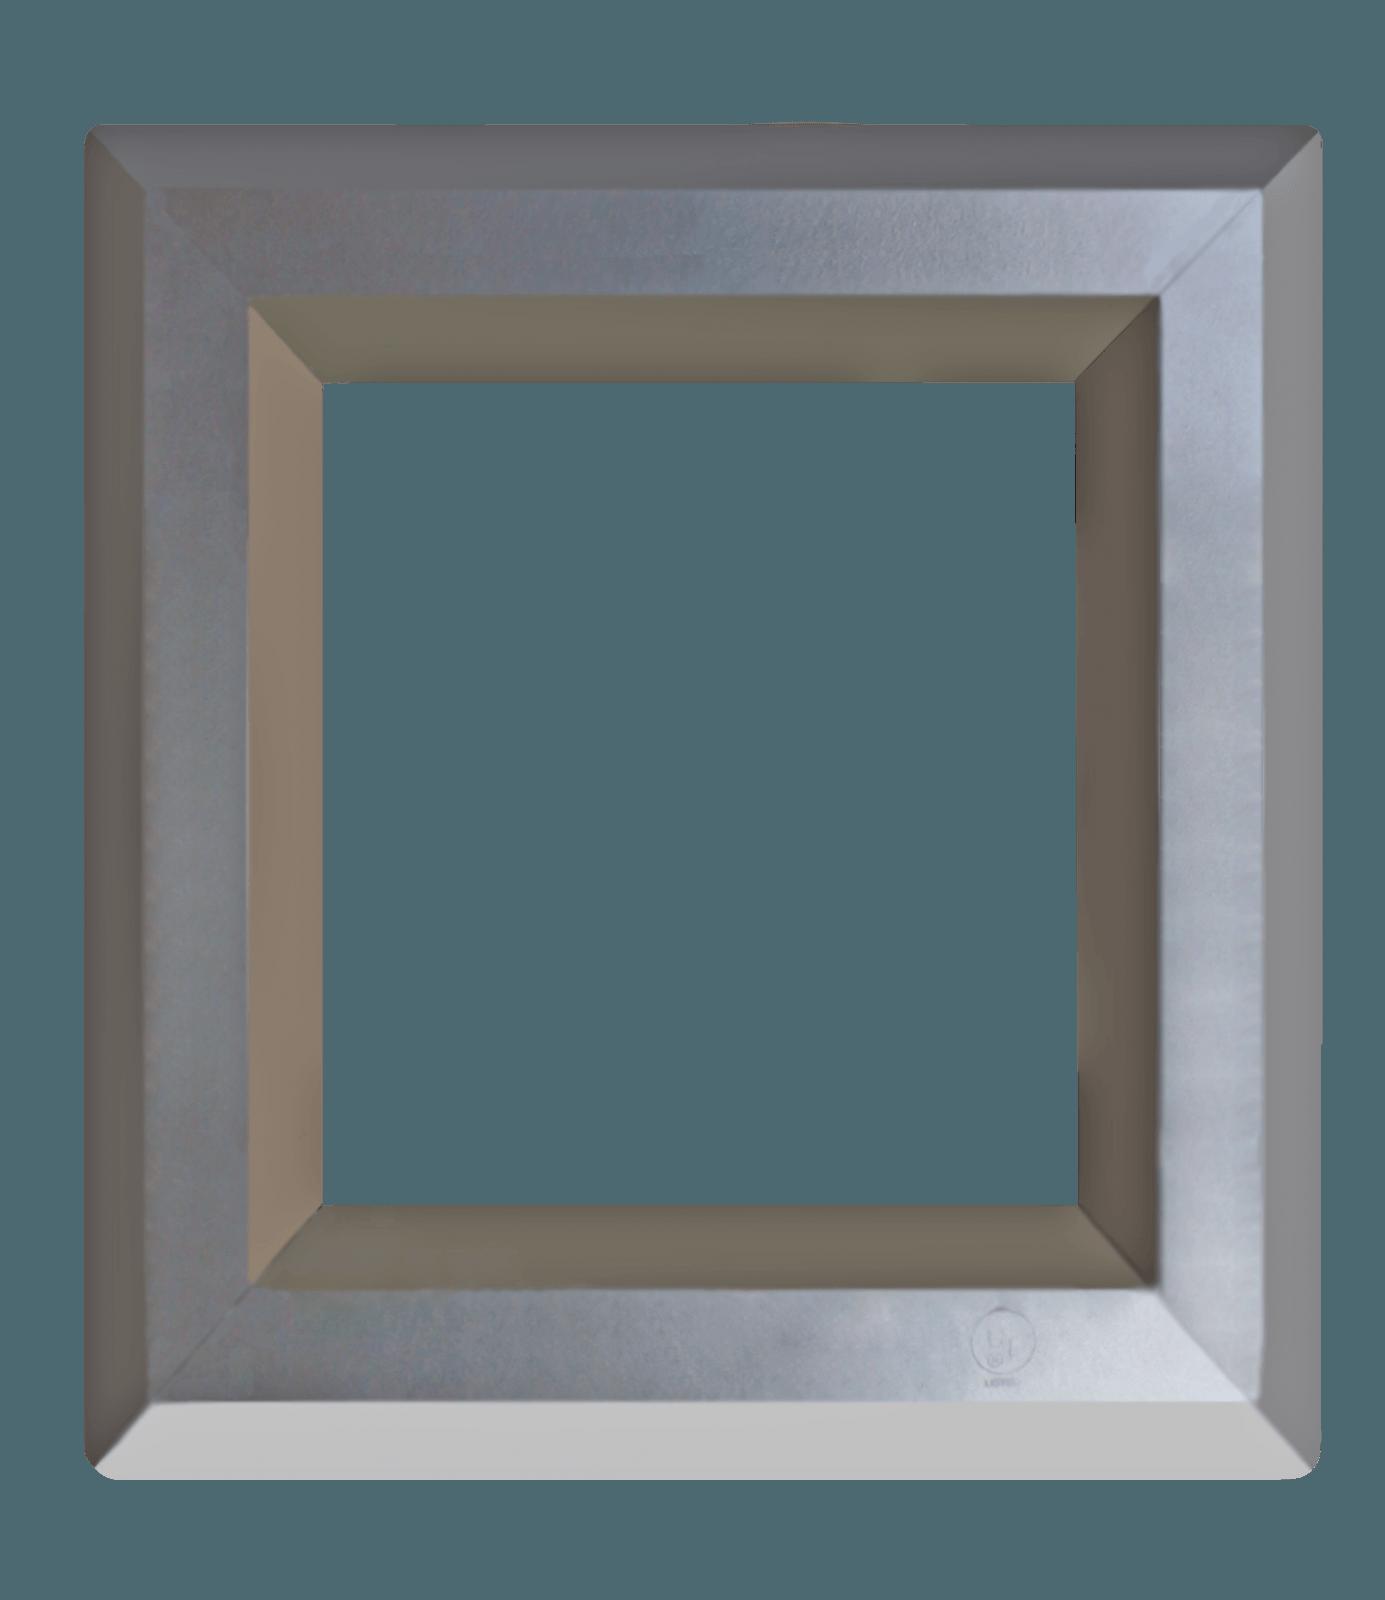 Door lite kits for commercial door - Svl Vsl 0722b Lite